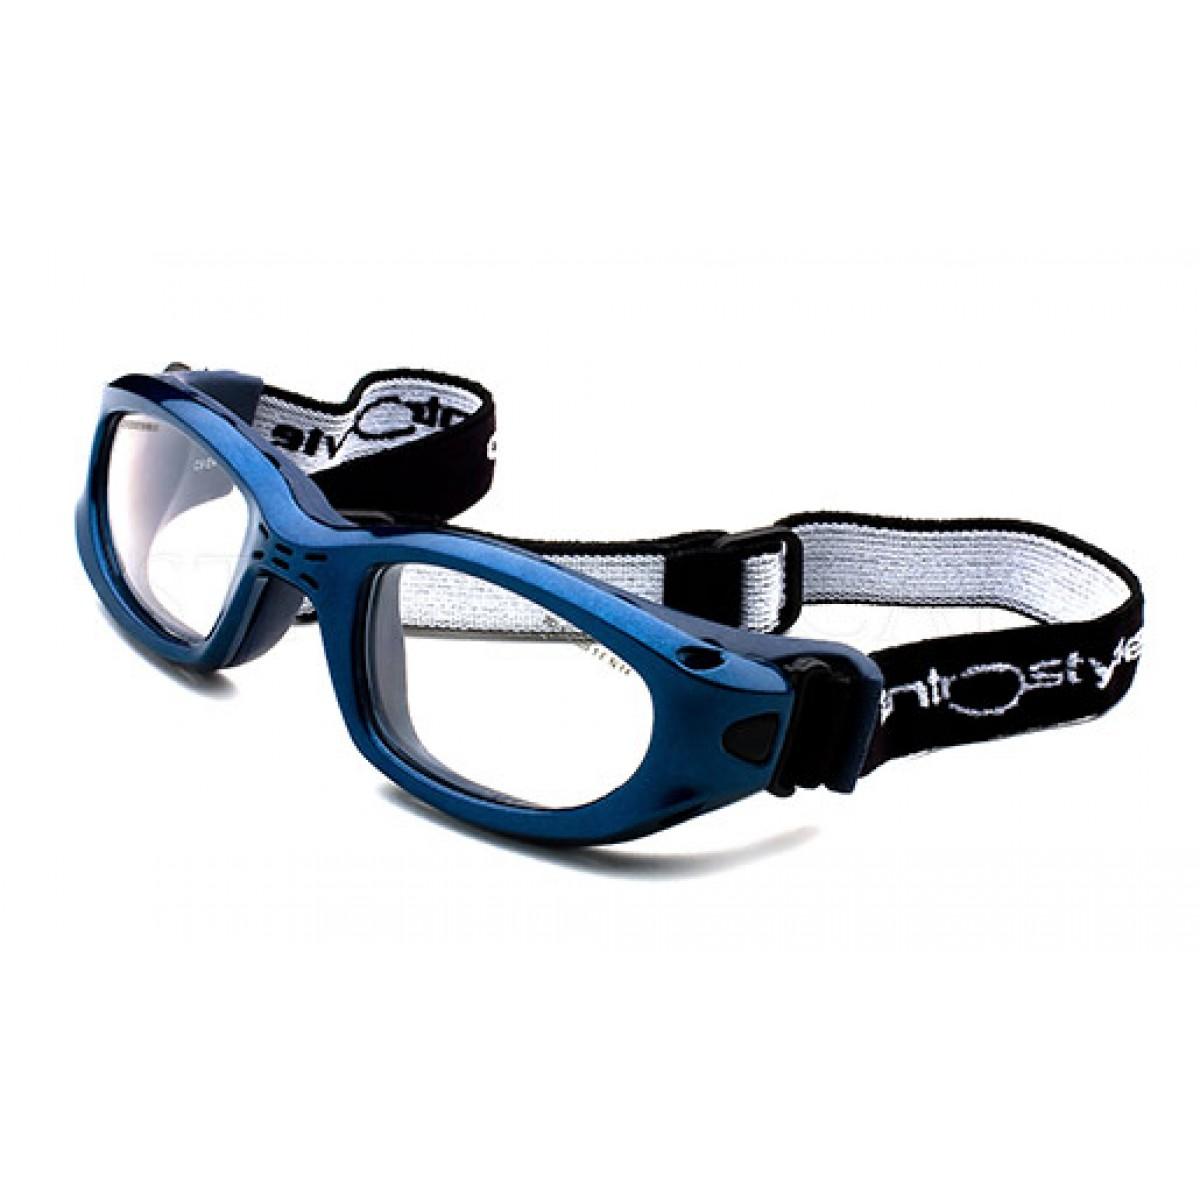 af51cd7e0 óculos para jogar futebol - Esporte Visão